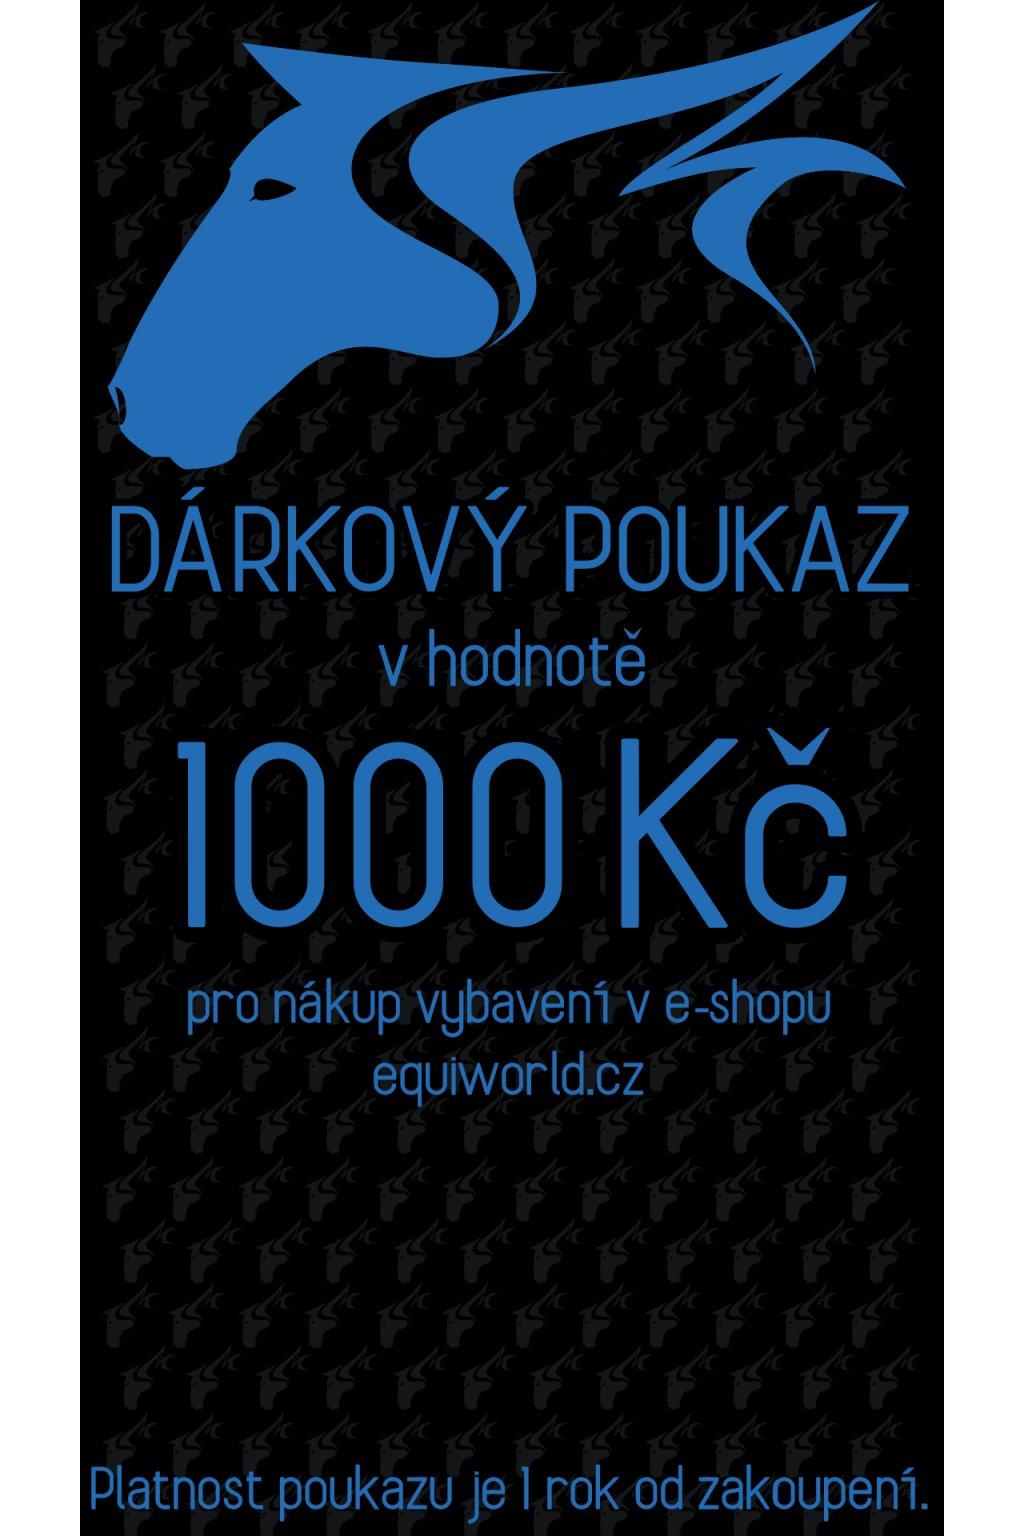 poukaz1000